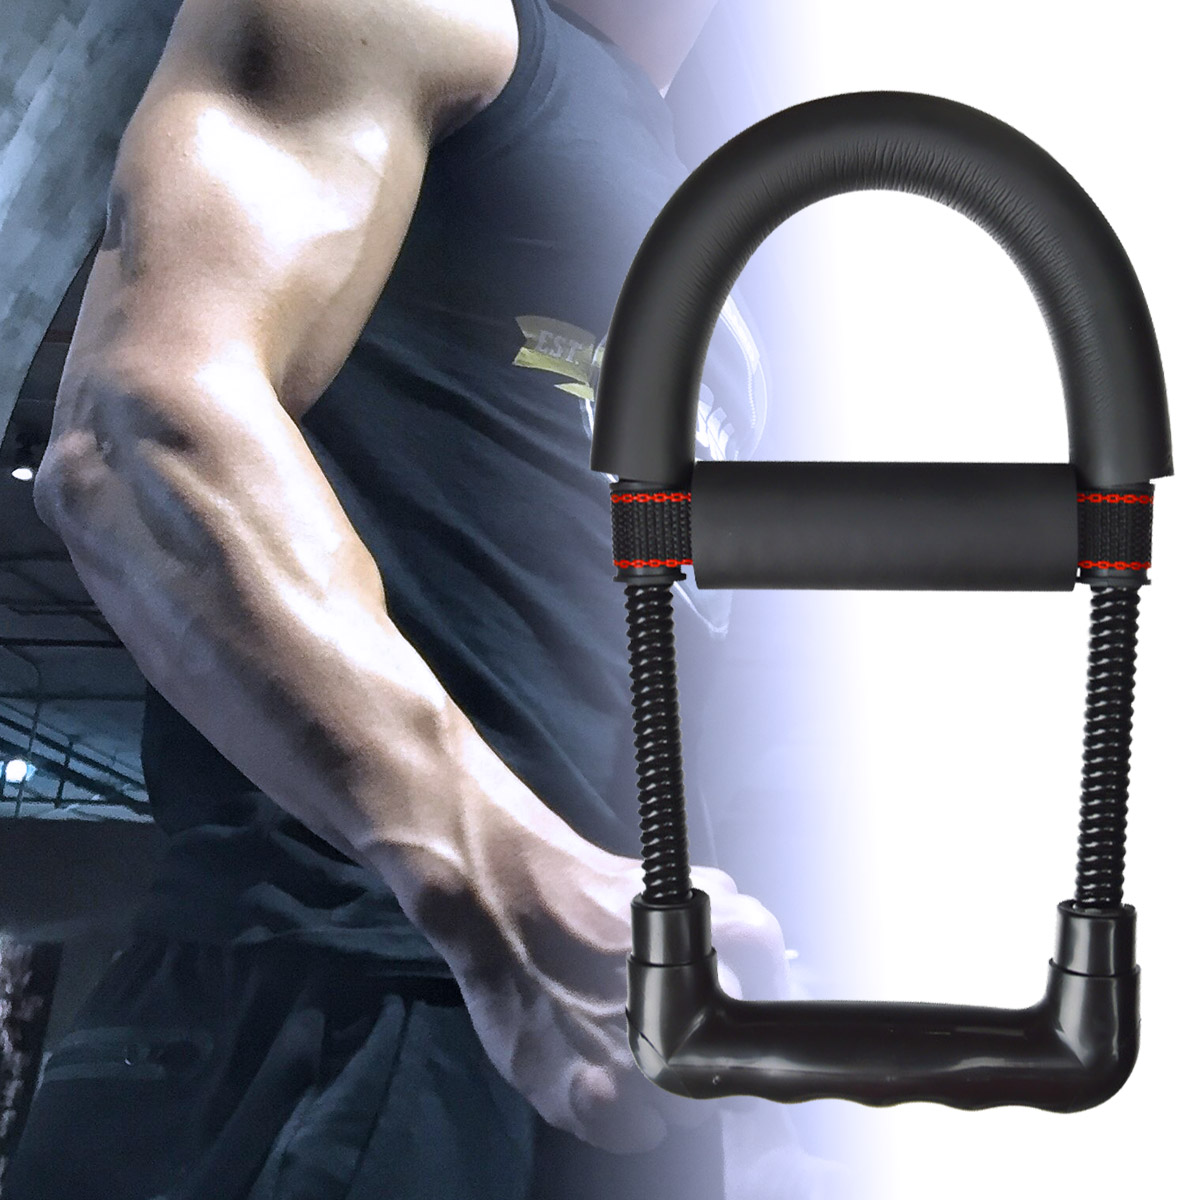 Рукоятка для запястья ручной захват для предплечья устройство фитнес-оборудование для помещений сила запястья устройство для затвердеван...